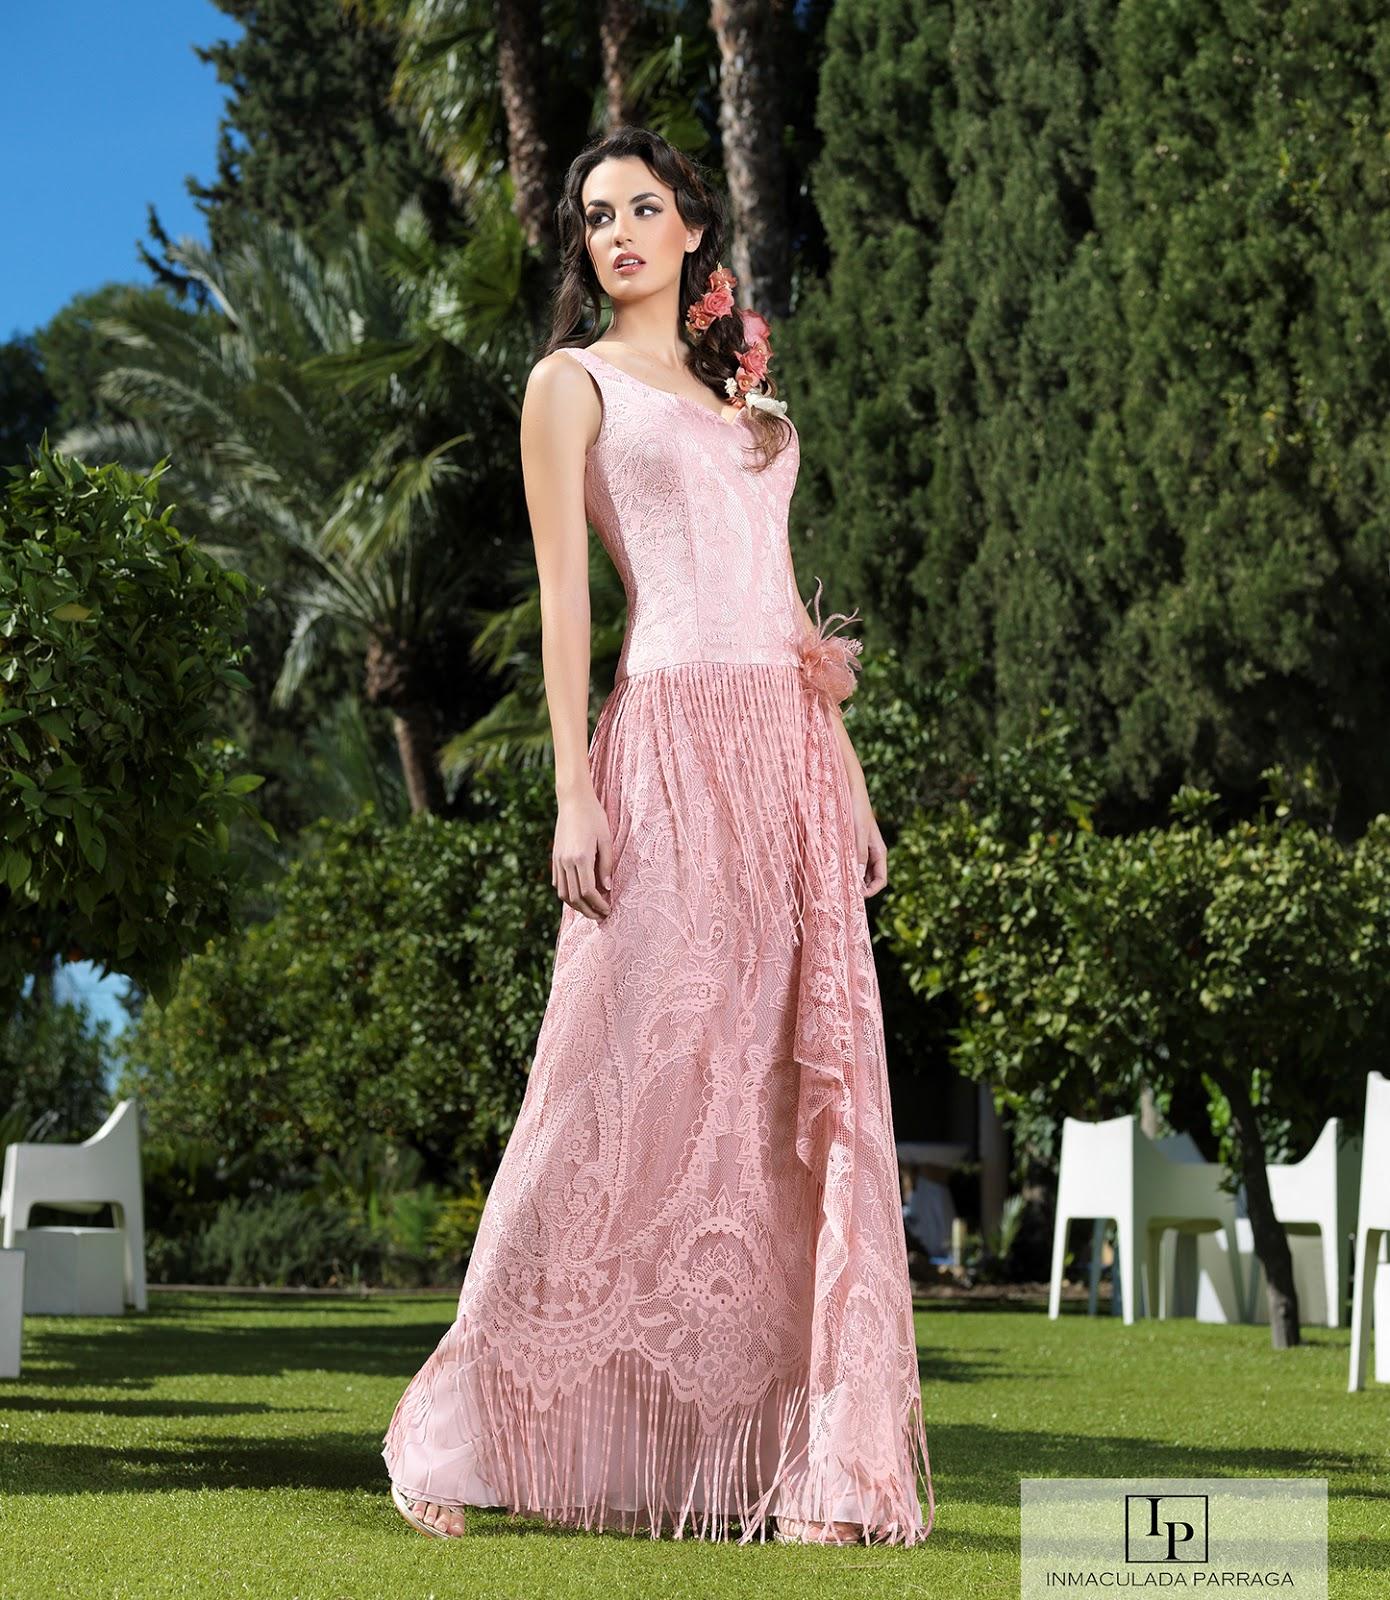 b23973eabc Vestidos de fiesta en Murcia - Alta costura y confeccion a medida ...